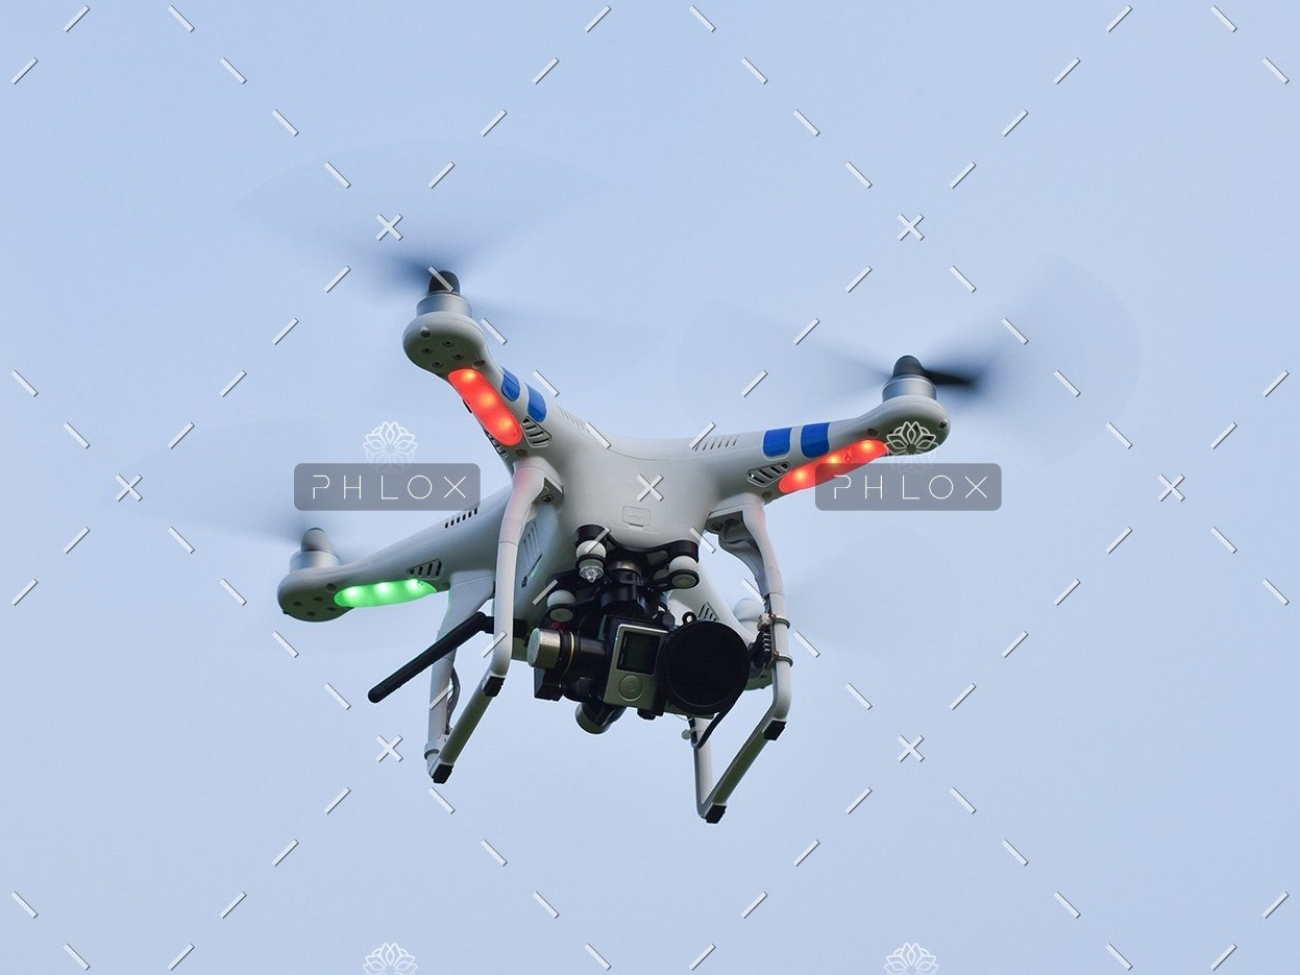 demo-attachment-82-camera-drone-fly-109003